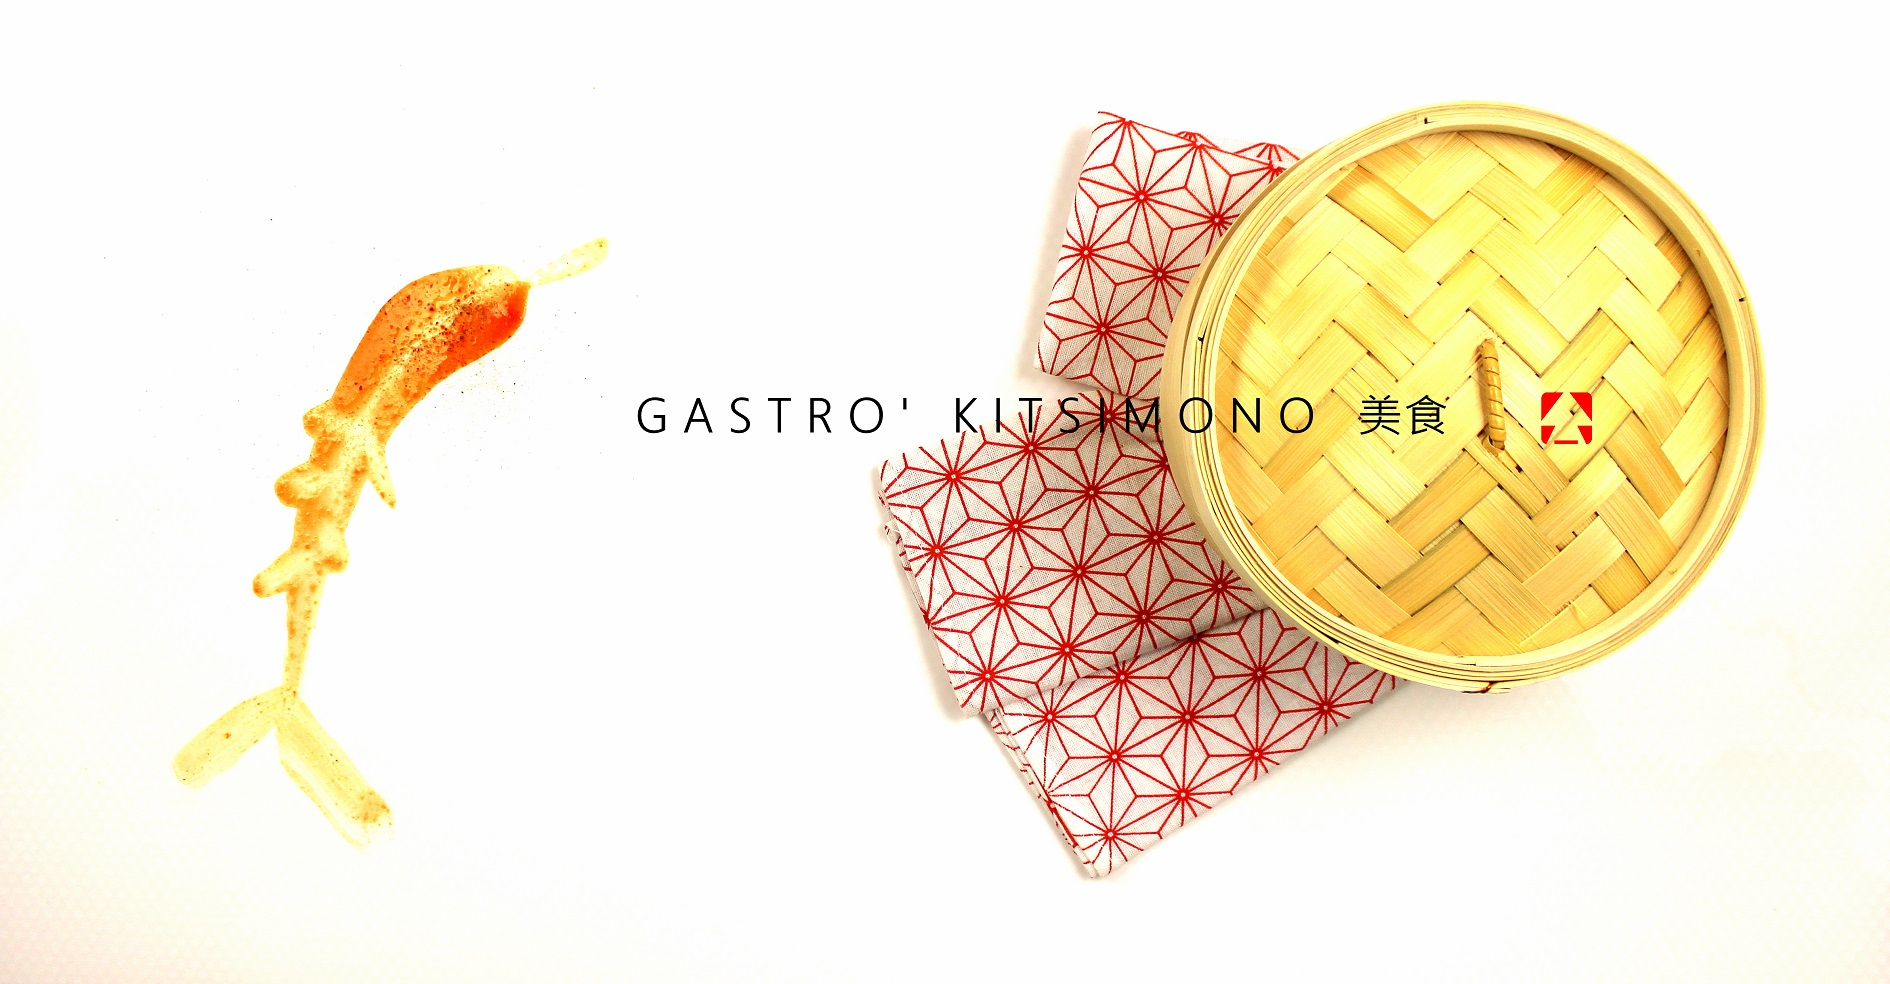 japanese gastronomy japán ételek gasztronomia gasztro blog kitsimono (3)